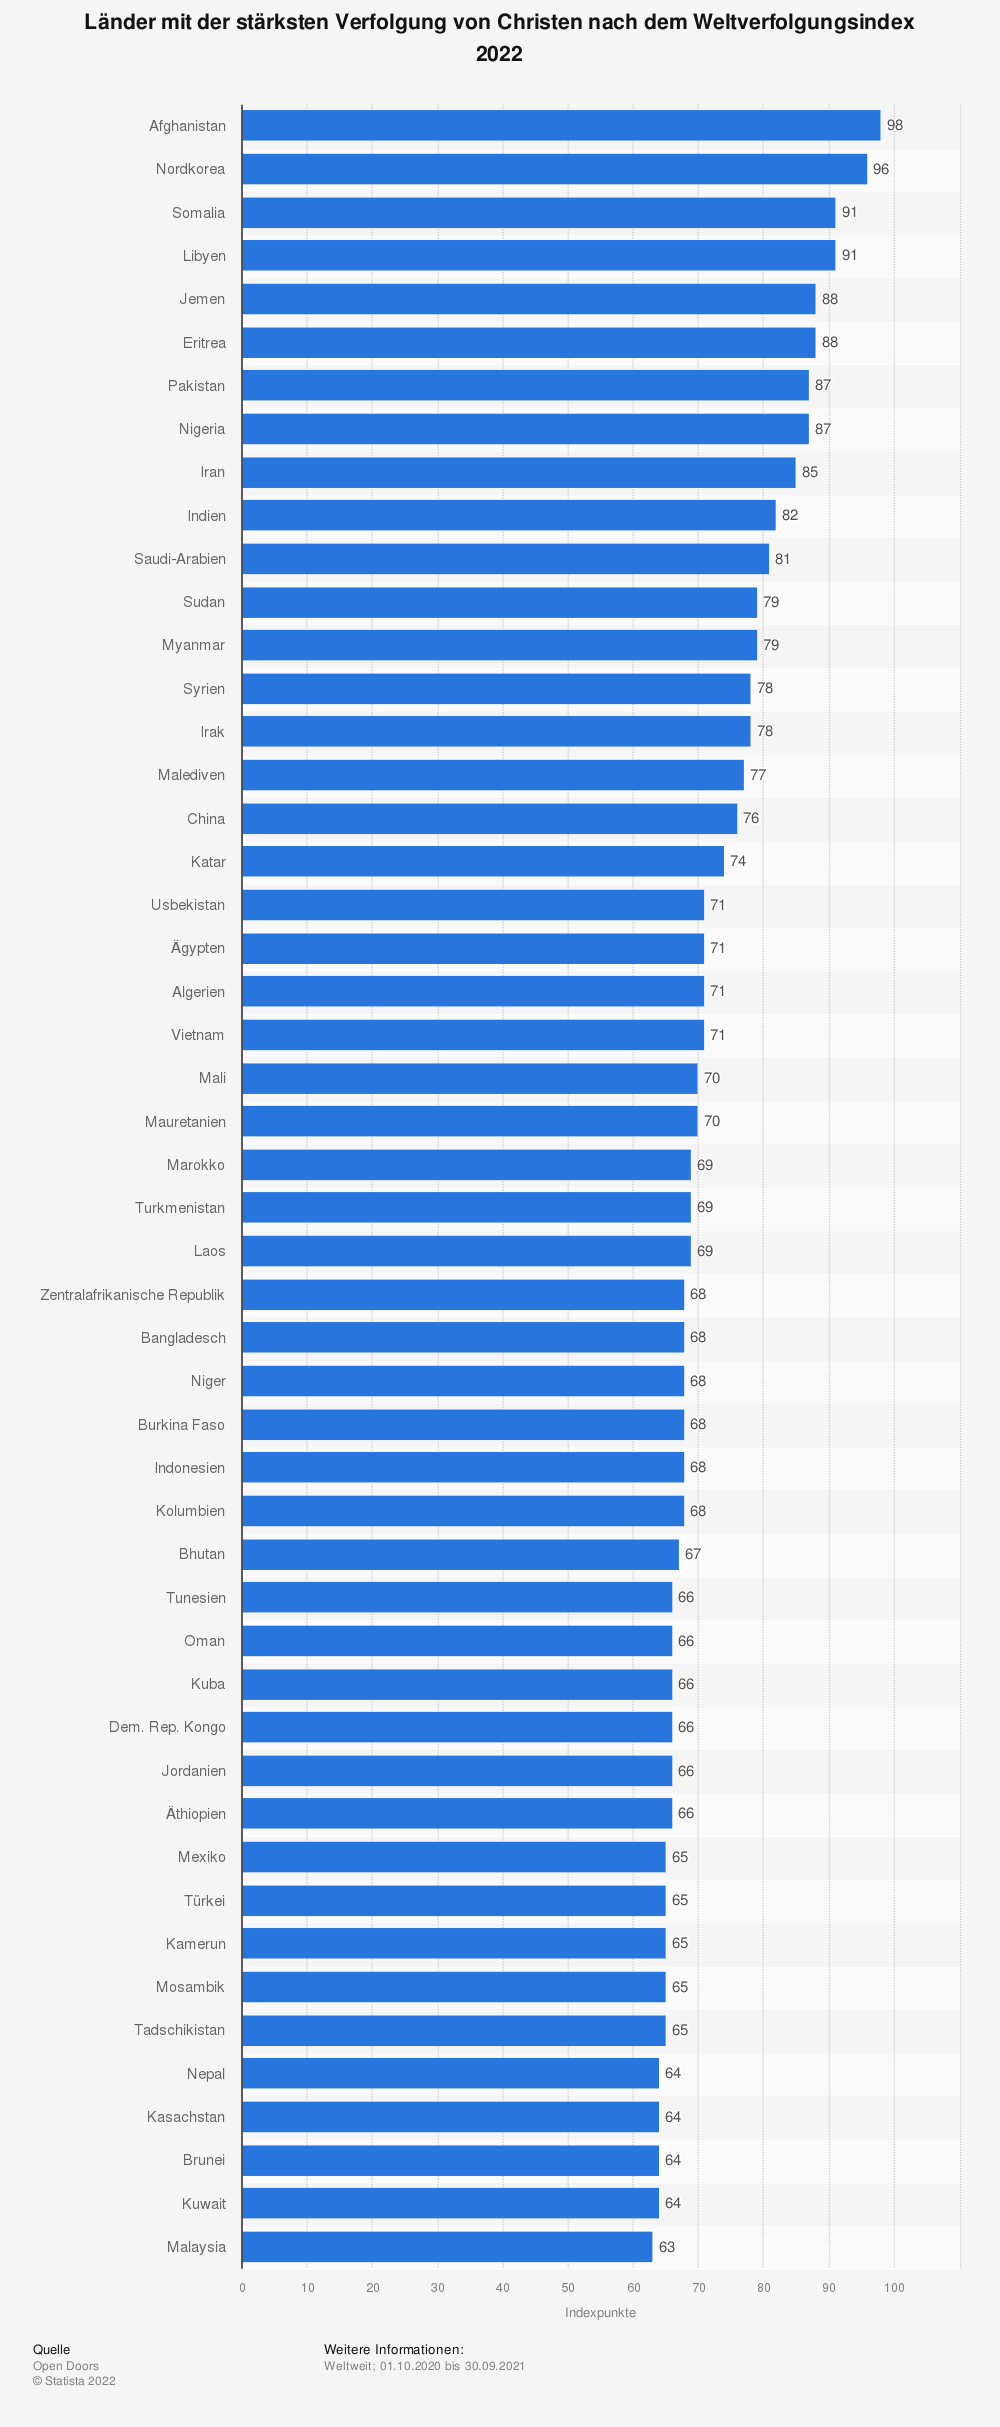 Statistik: Länder mit der stärksten Verfolgung von Christen nach dem Weltverfolgungsindex 2018 | Statista